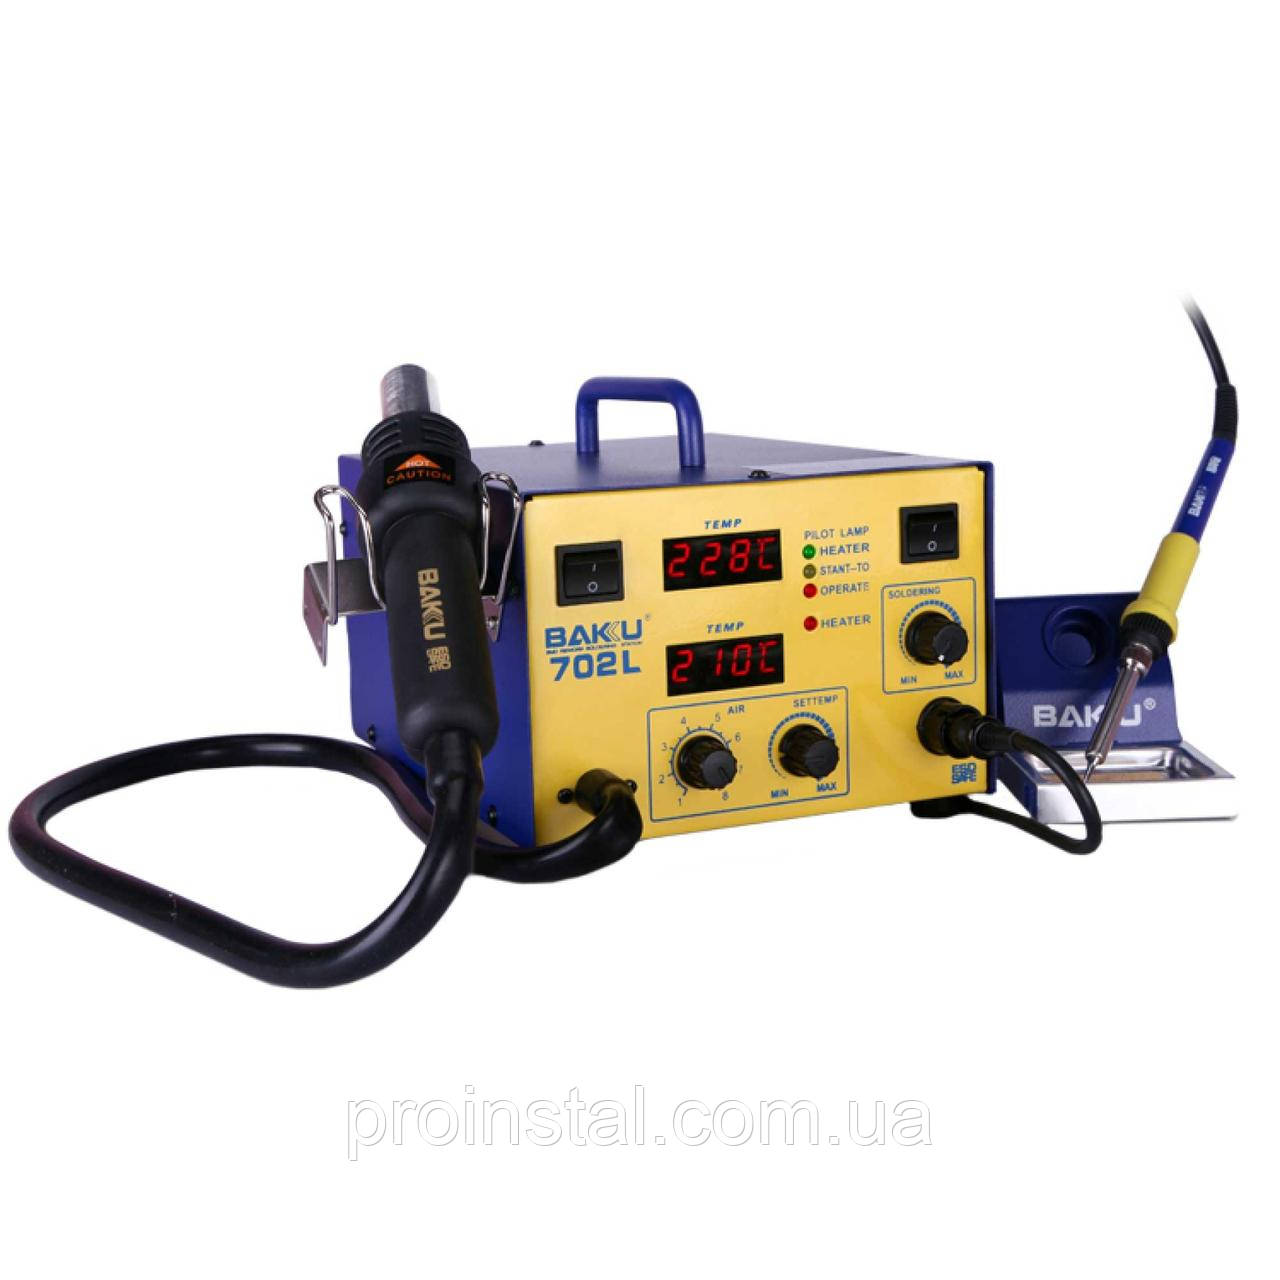 Паяльная станция BAKKU BK-701L цифровая индикация, фен, паяльник (325*270*190) 4,88 кг